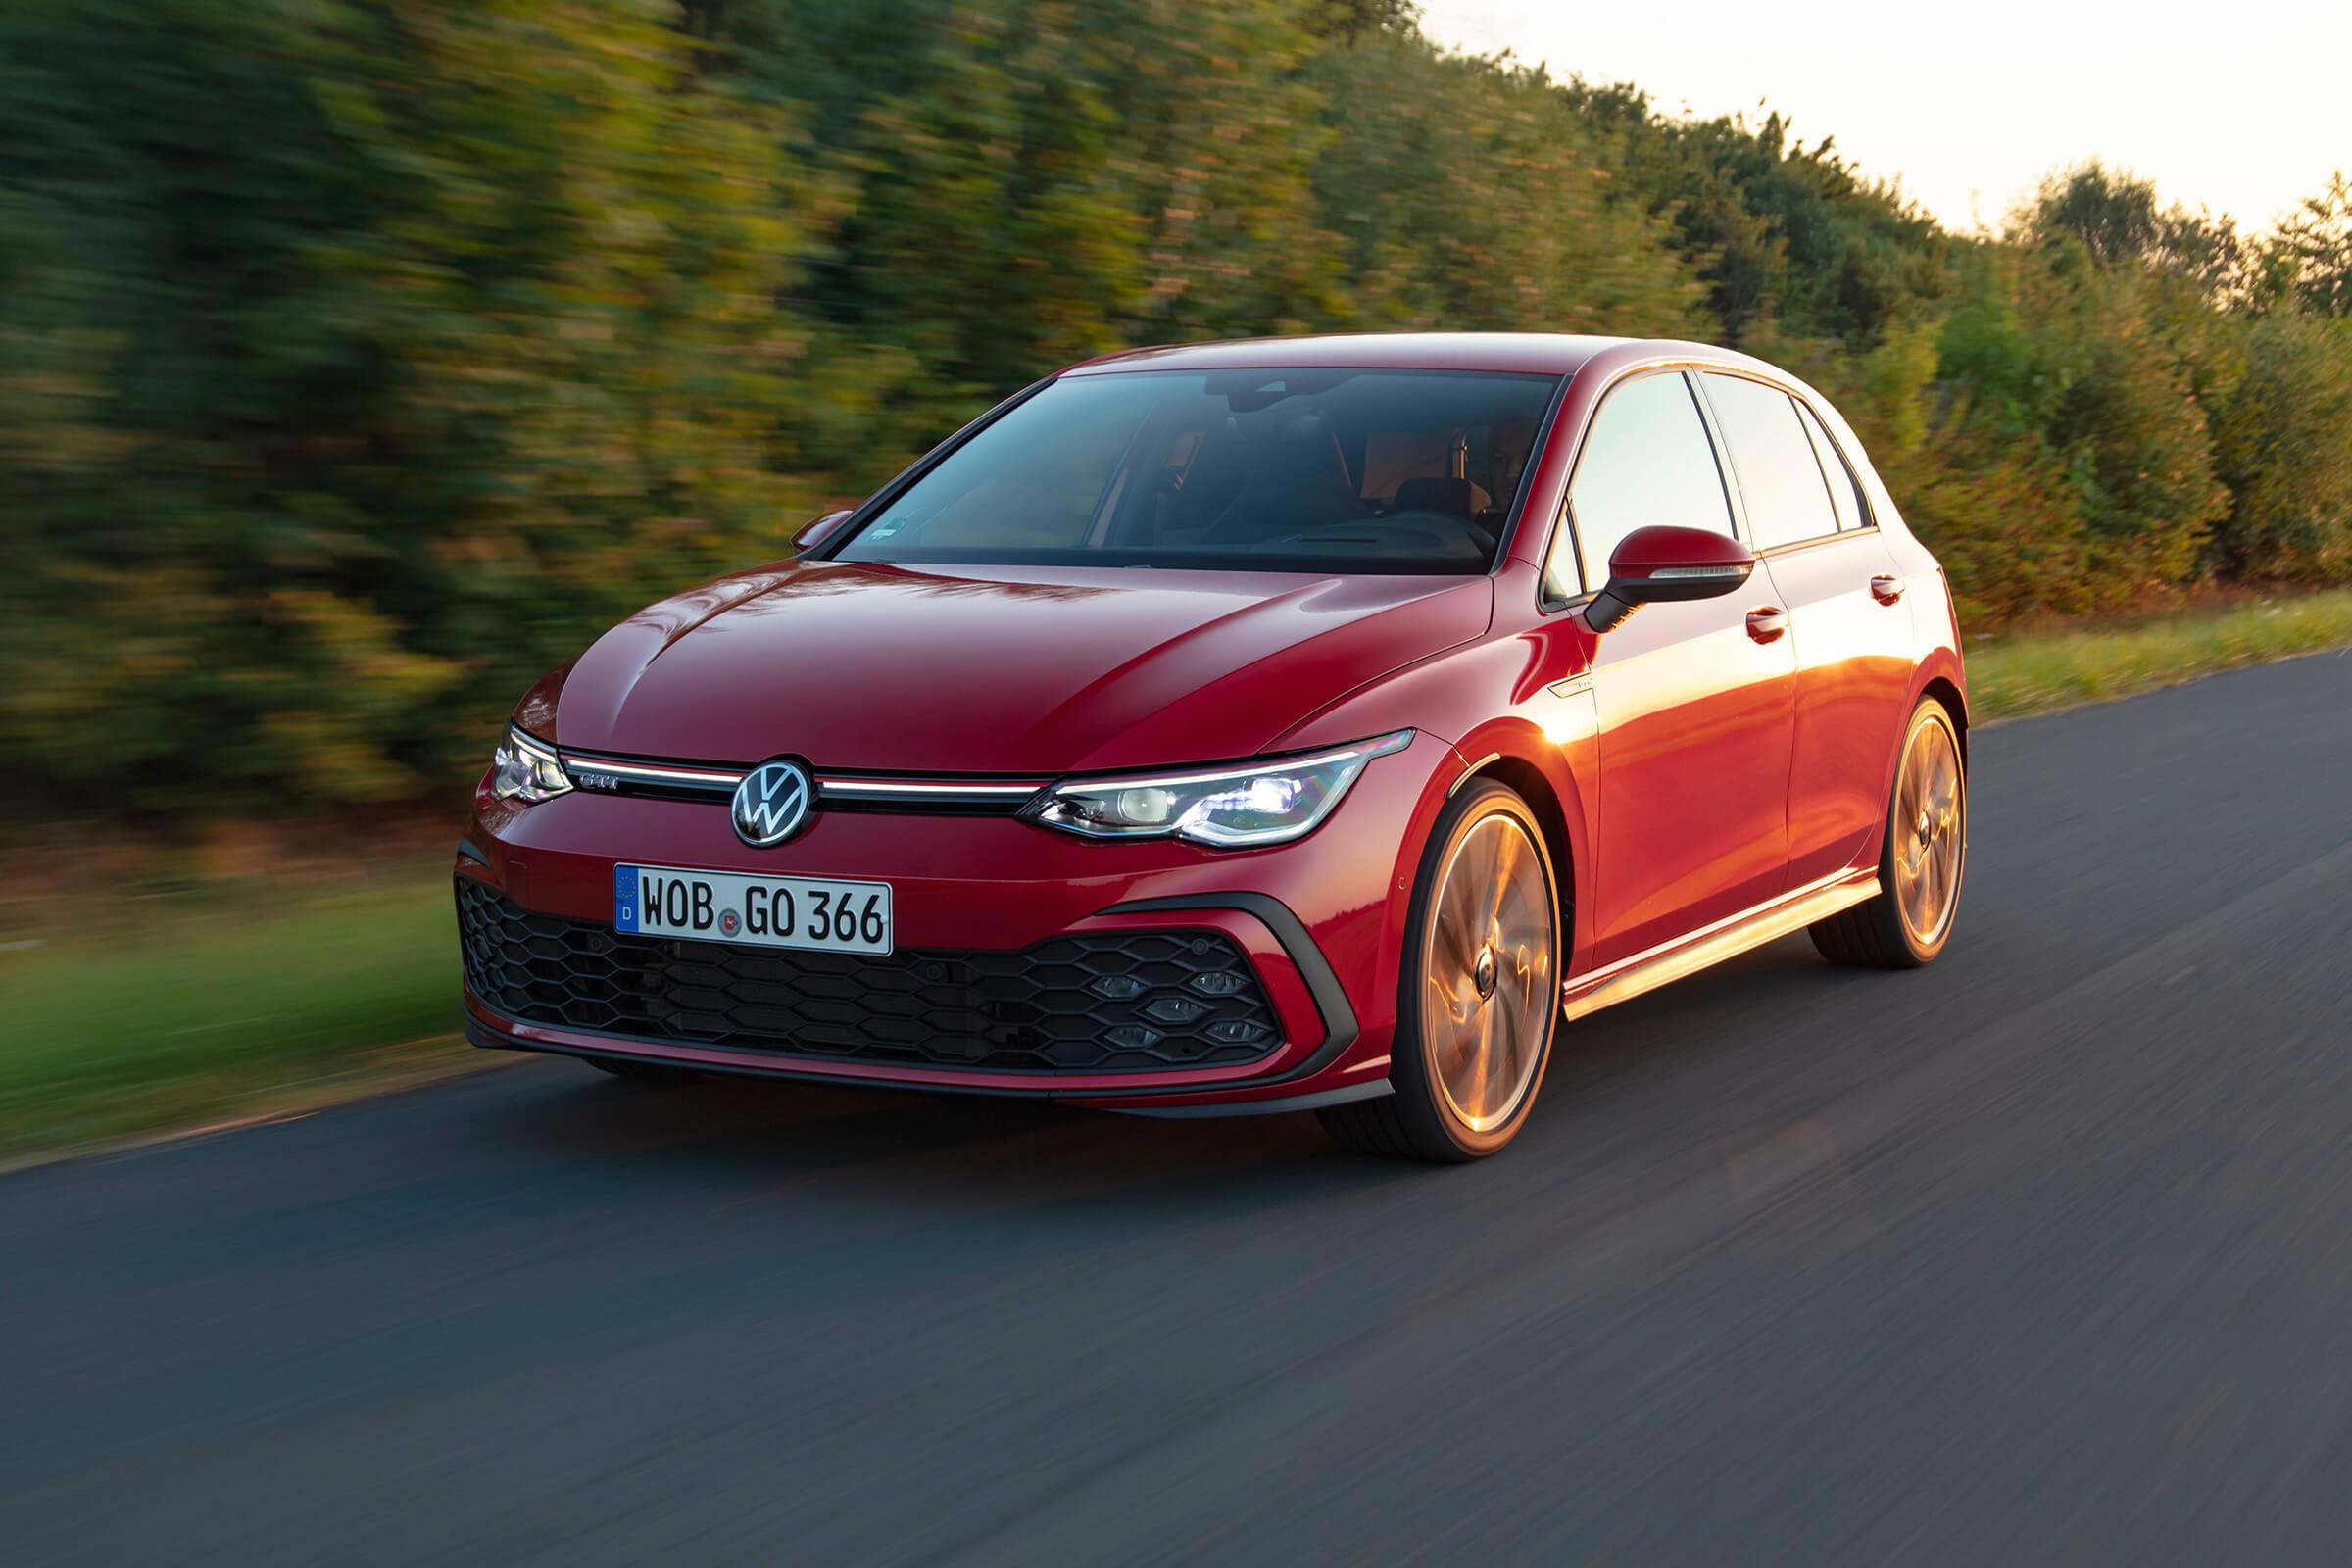 Νέο Volkswagen Golf GTI - Εμπρός όψη